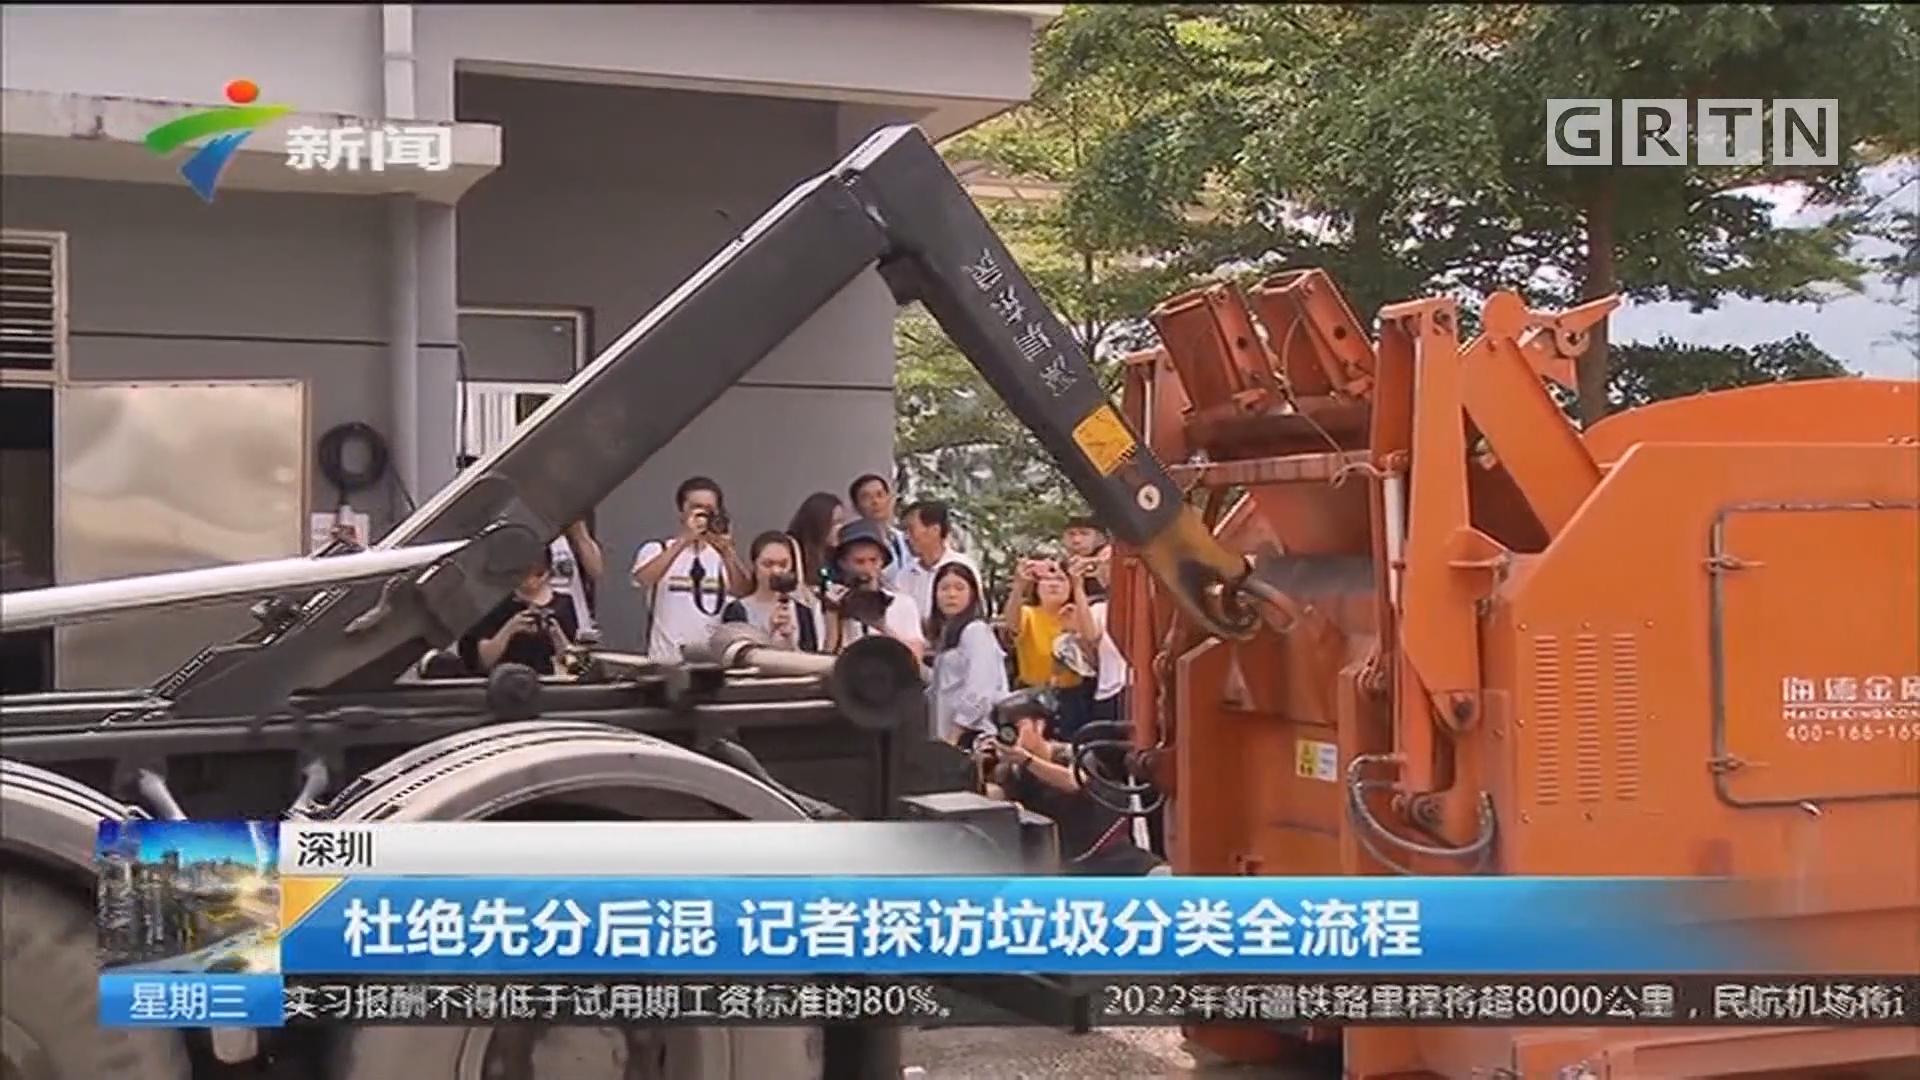 深圳:杜绝先分后混 记者探访垃圾分类全流程